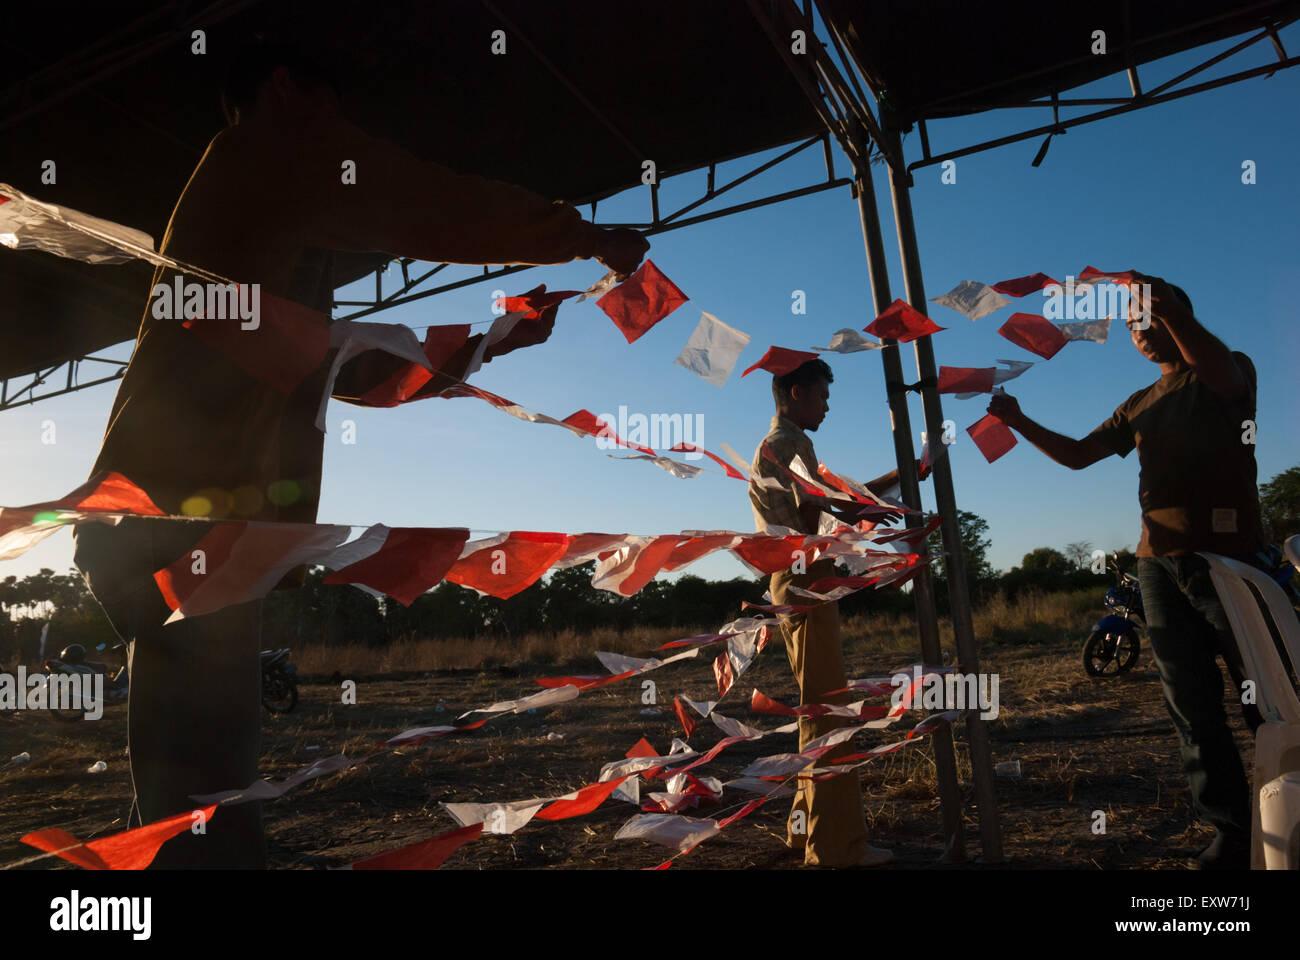 Persone appendere fuori indonesiano bandiere di piccole dimensioni per un evento locale. Immagini Stock